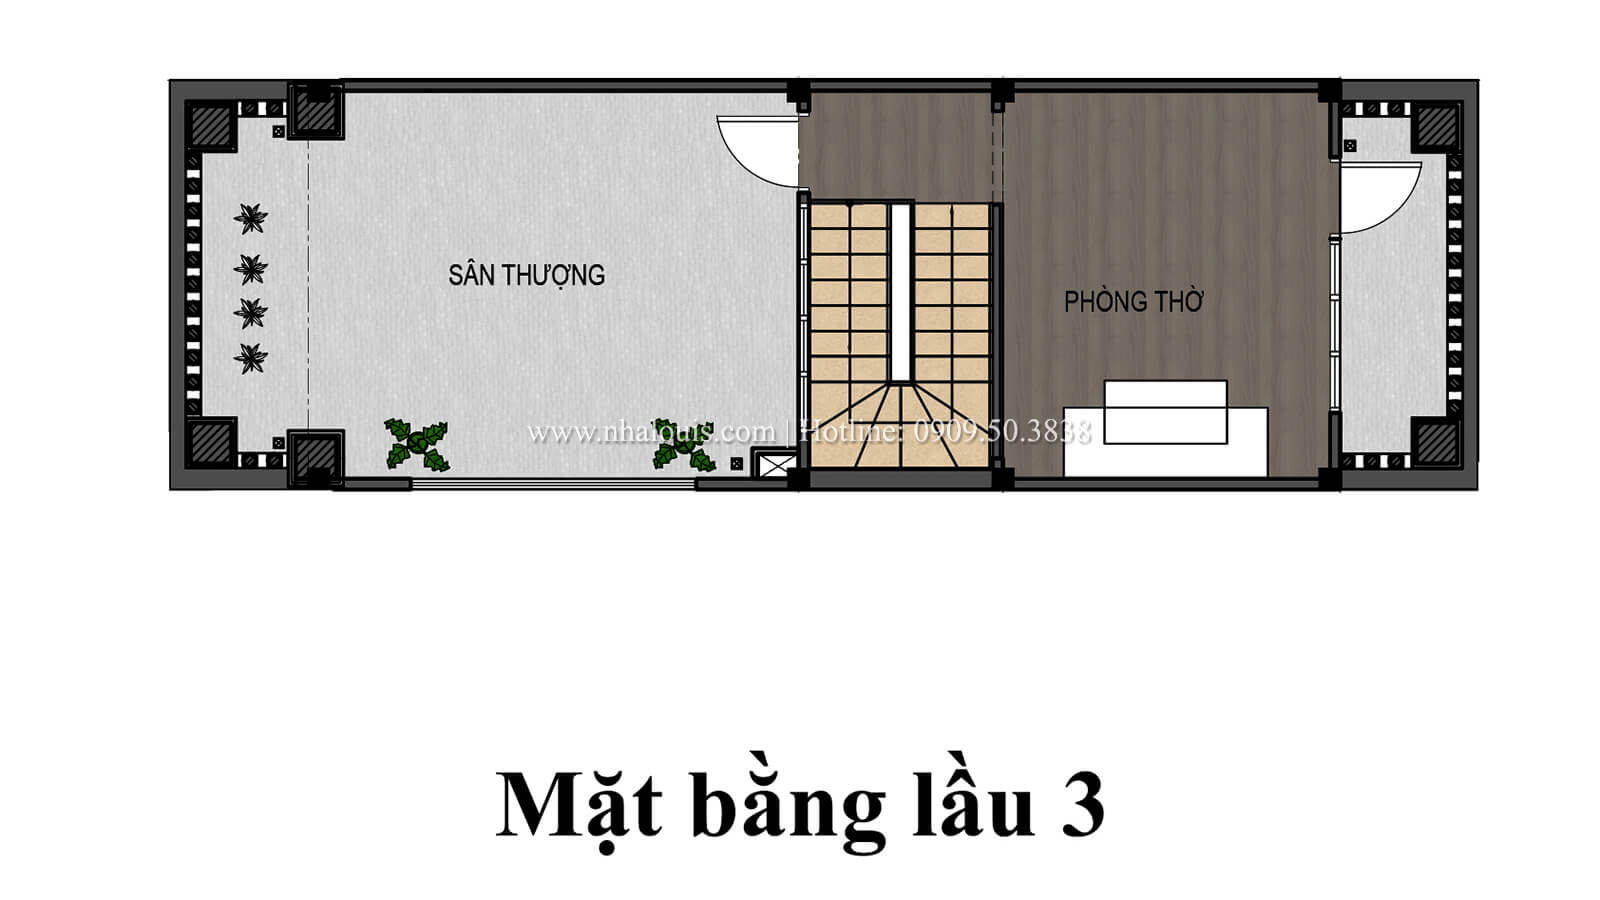 Mặt bằng tầng 3 Nhà 4x15 phong cách tân cổ điển đẹp sang chảnh tại Gò Vấp - 07